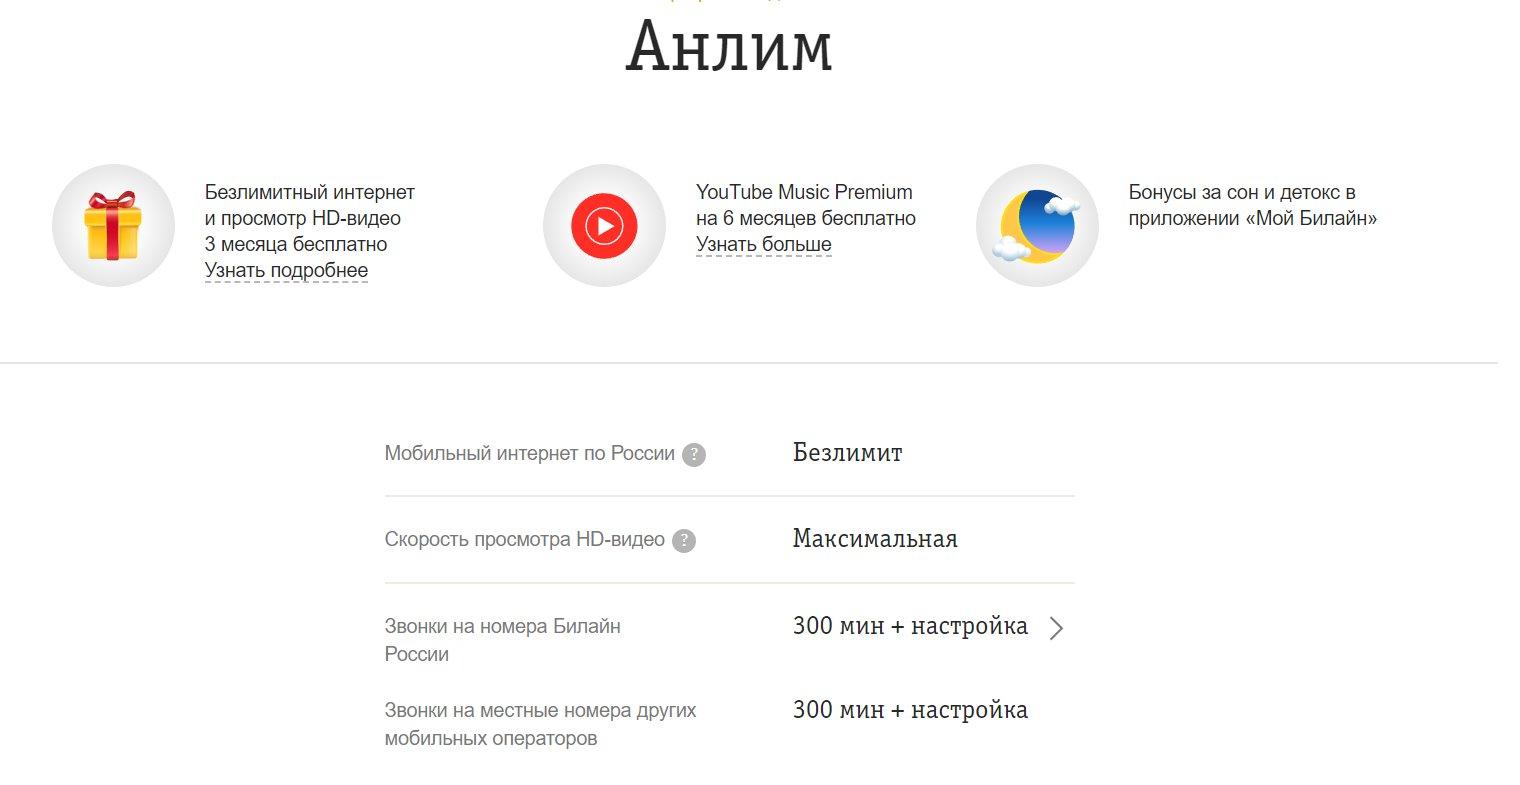 Мобильный интернет для московской области тарифы